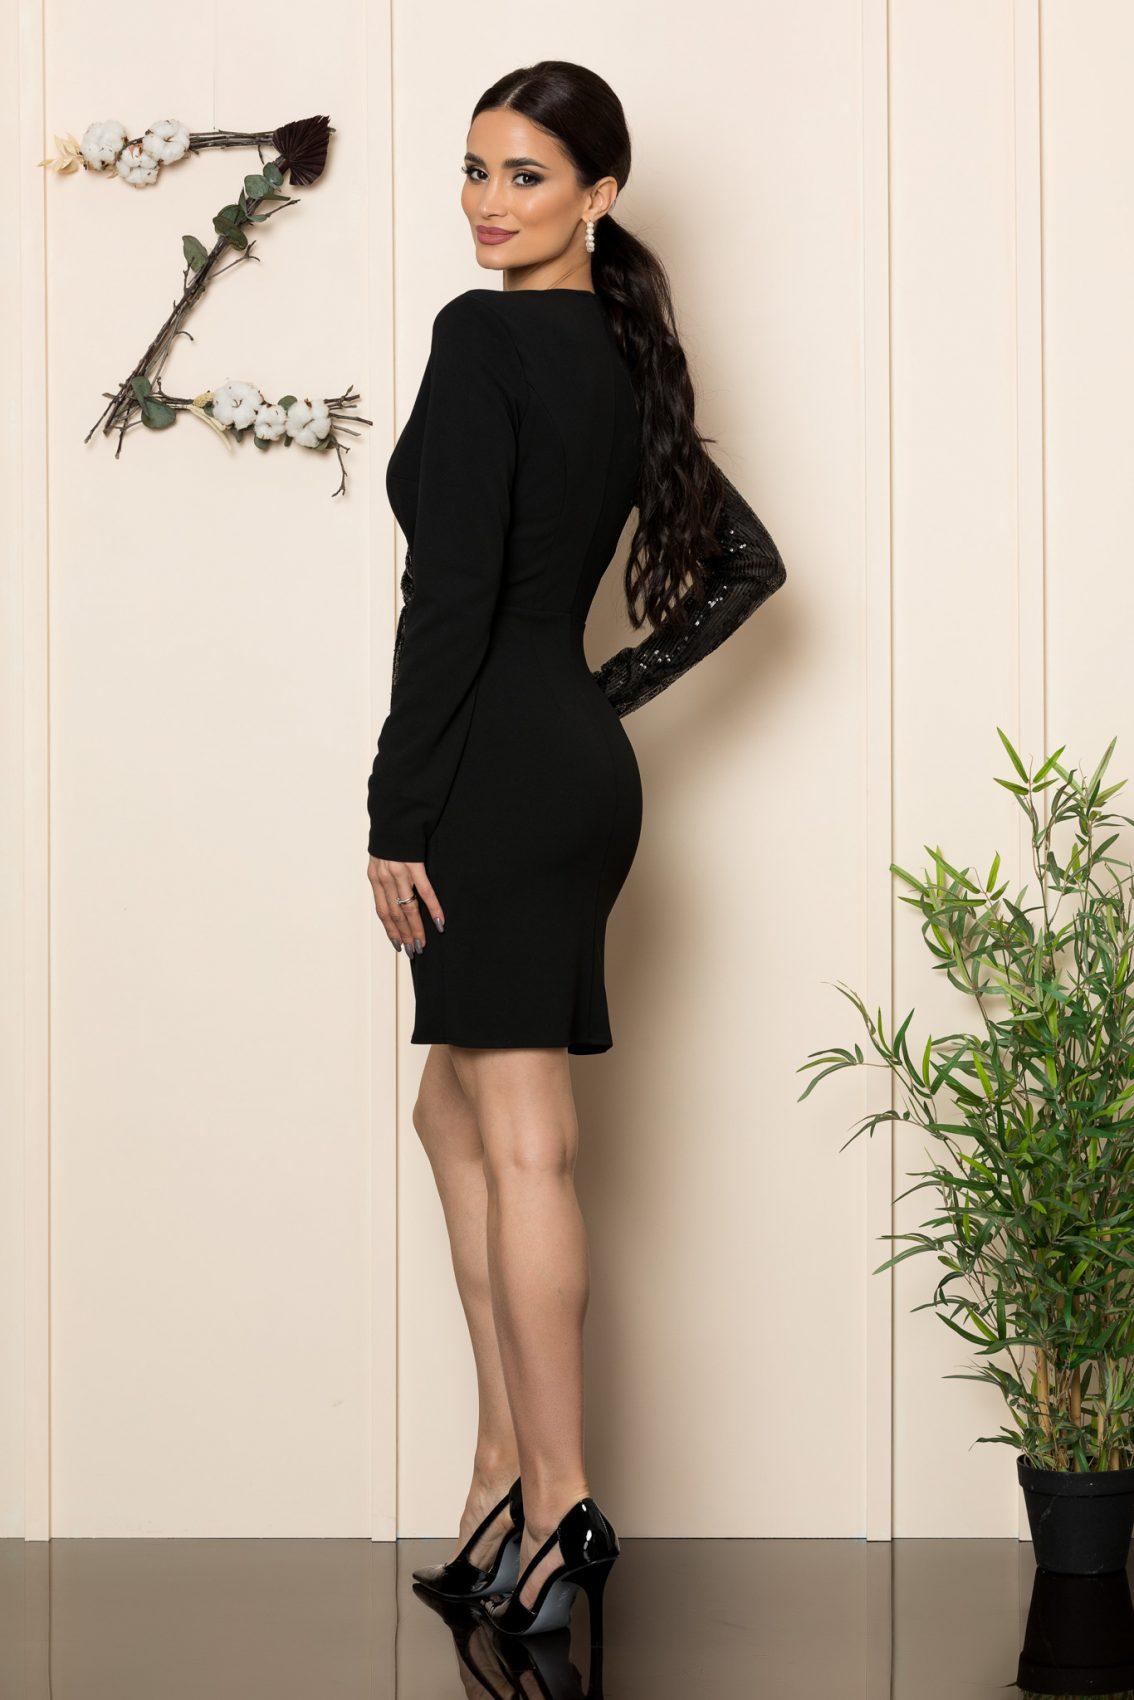 Μαύρο Μακρυμάνικο Κρουαζέ Φόρεμα Nadine 1114 2